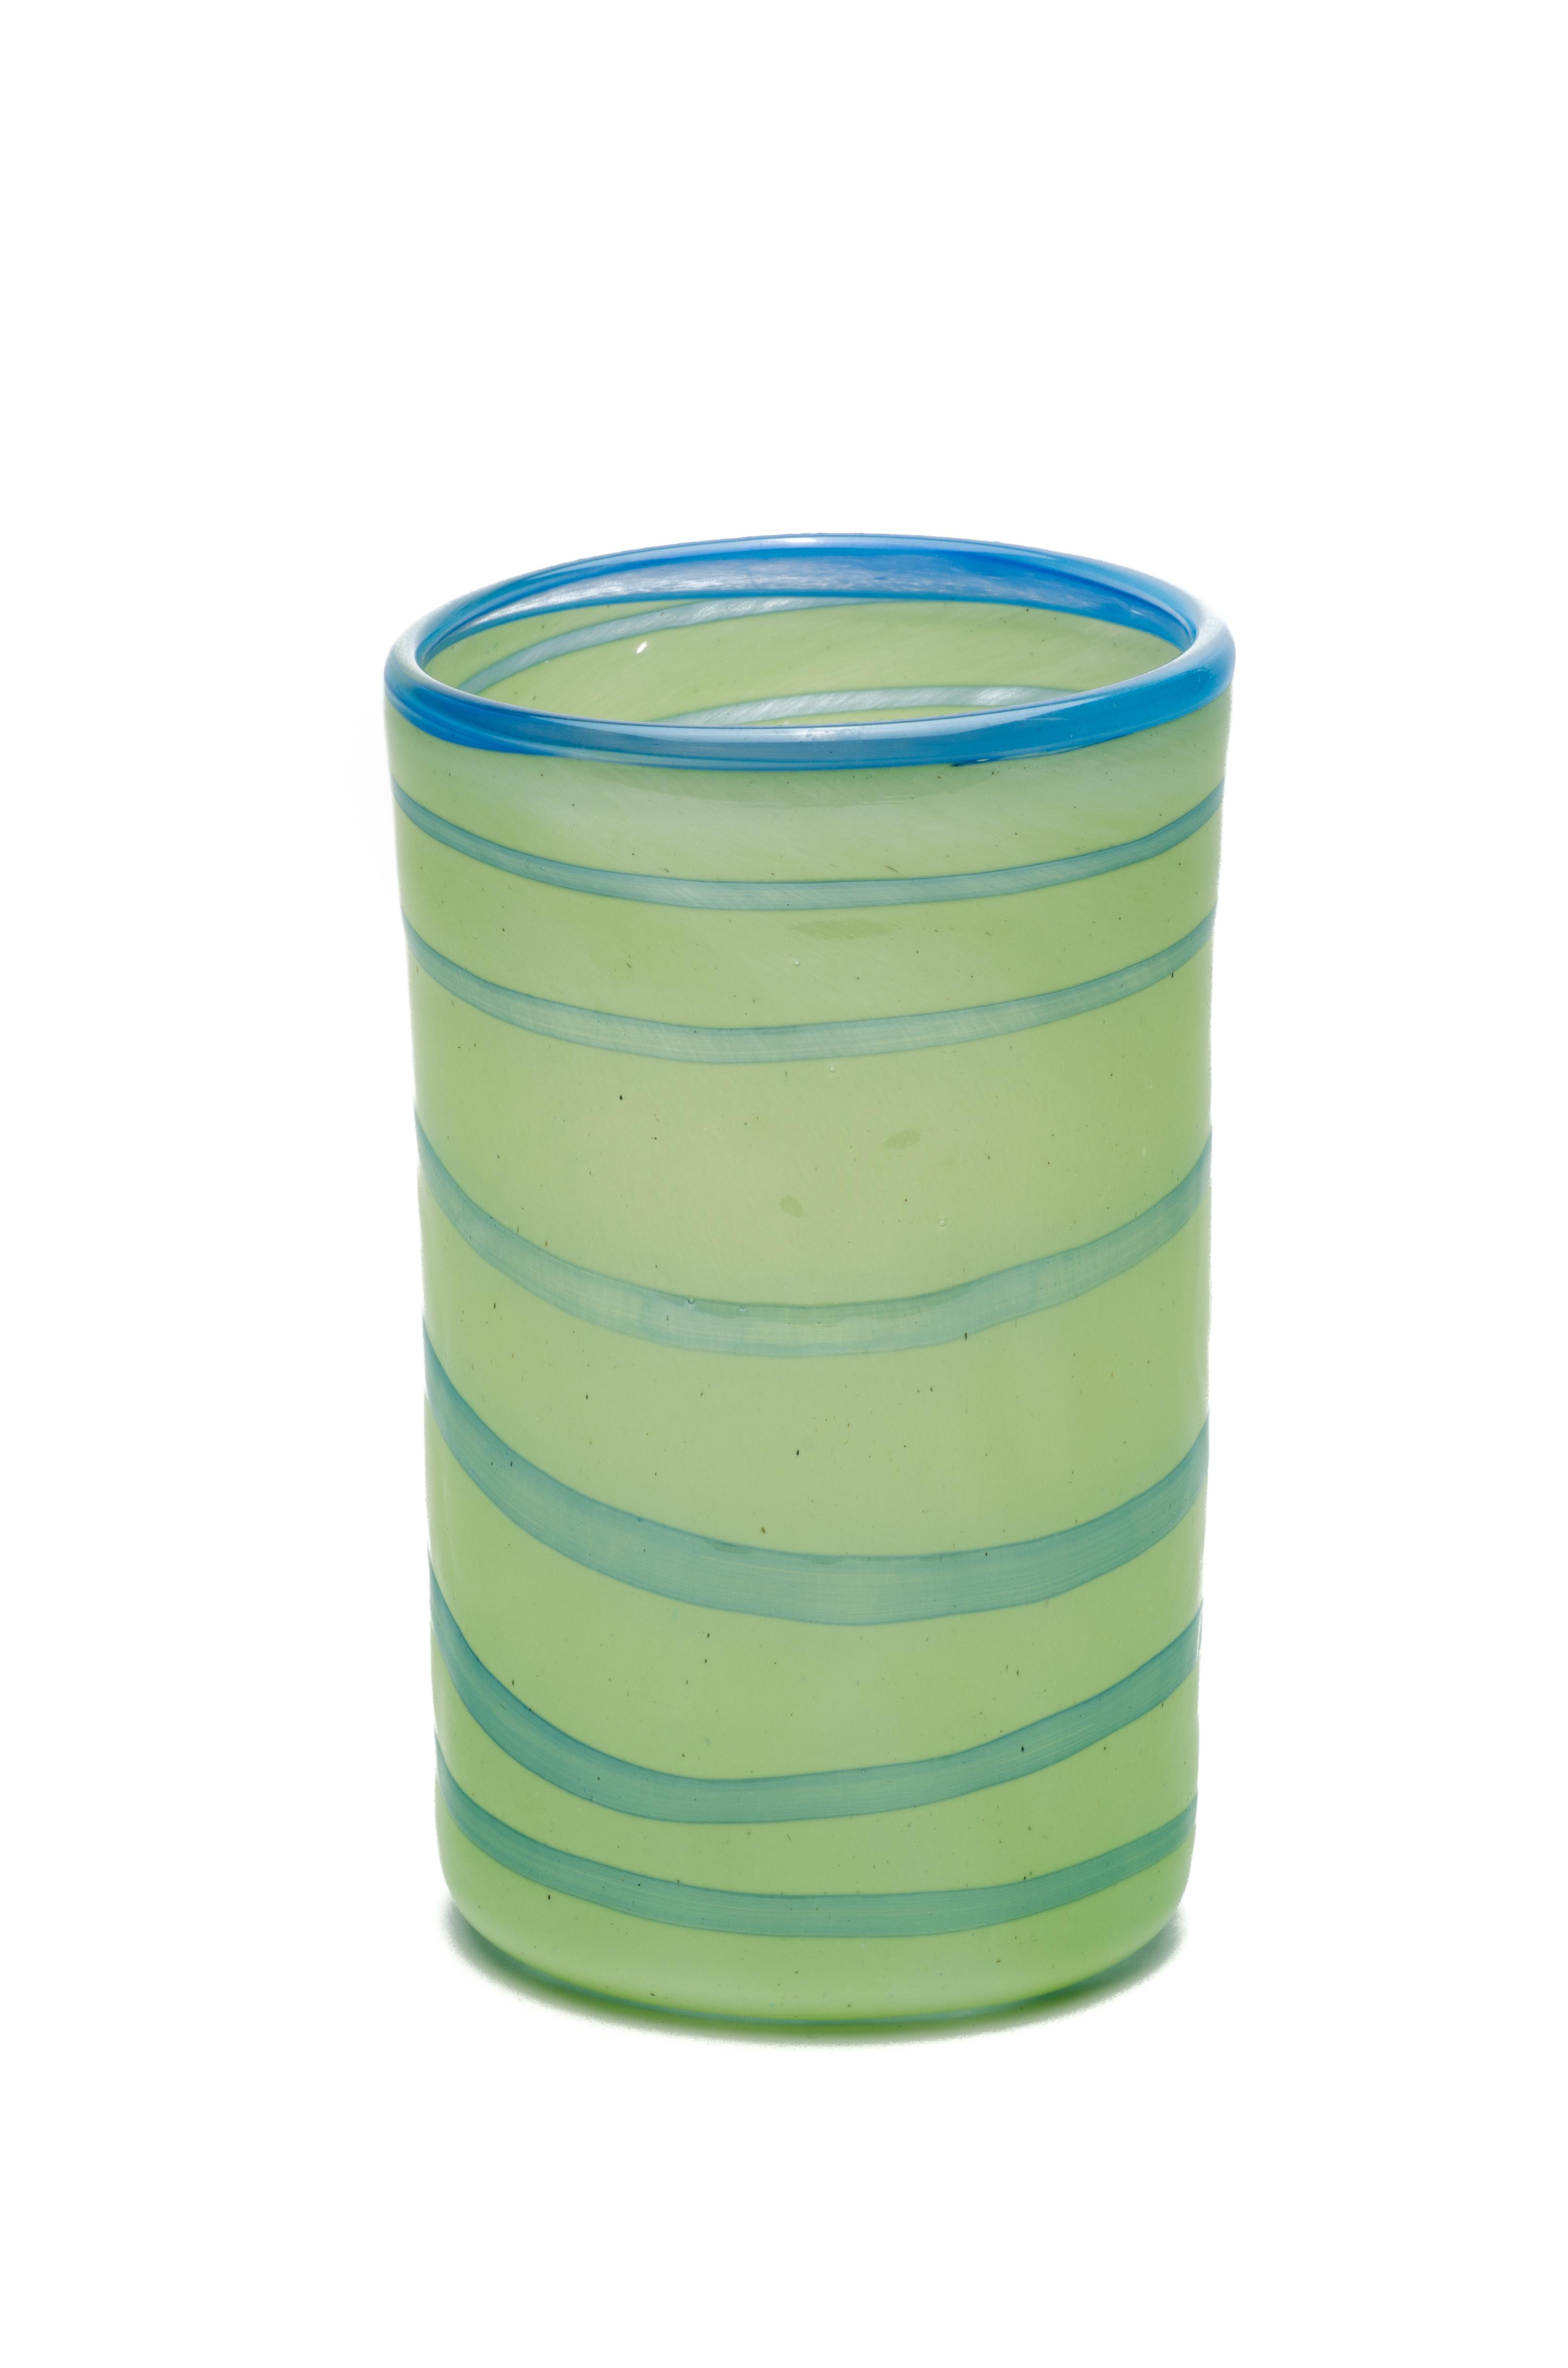 eplegrønn med blå spiral